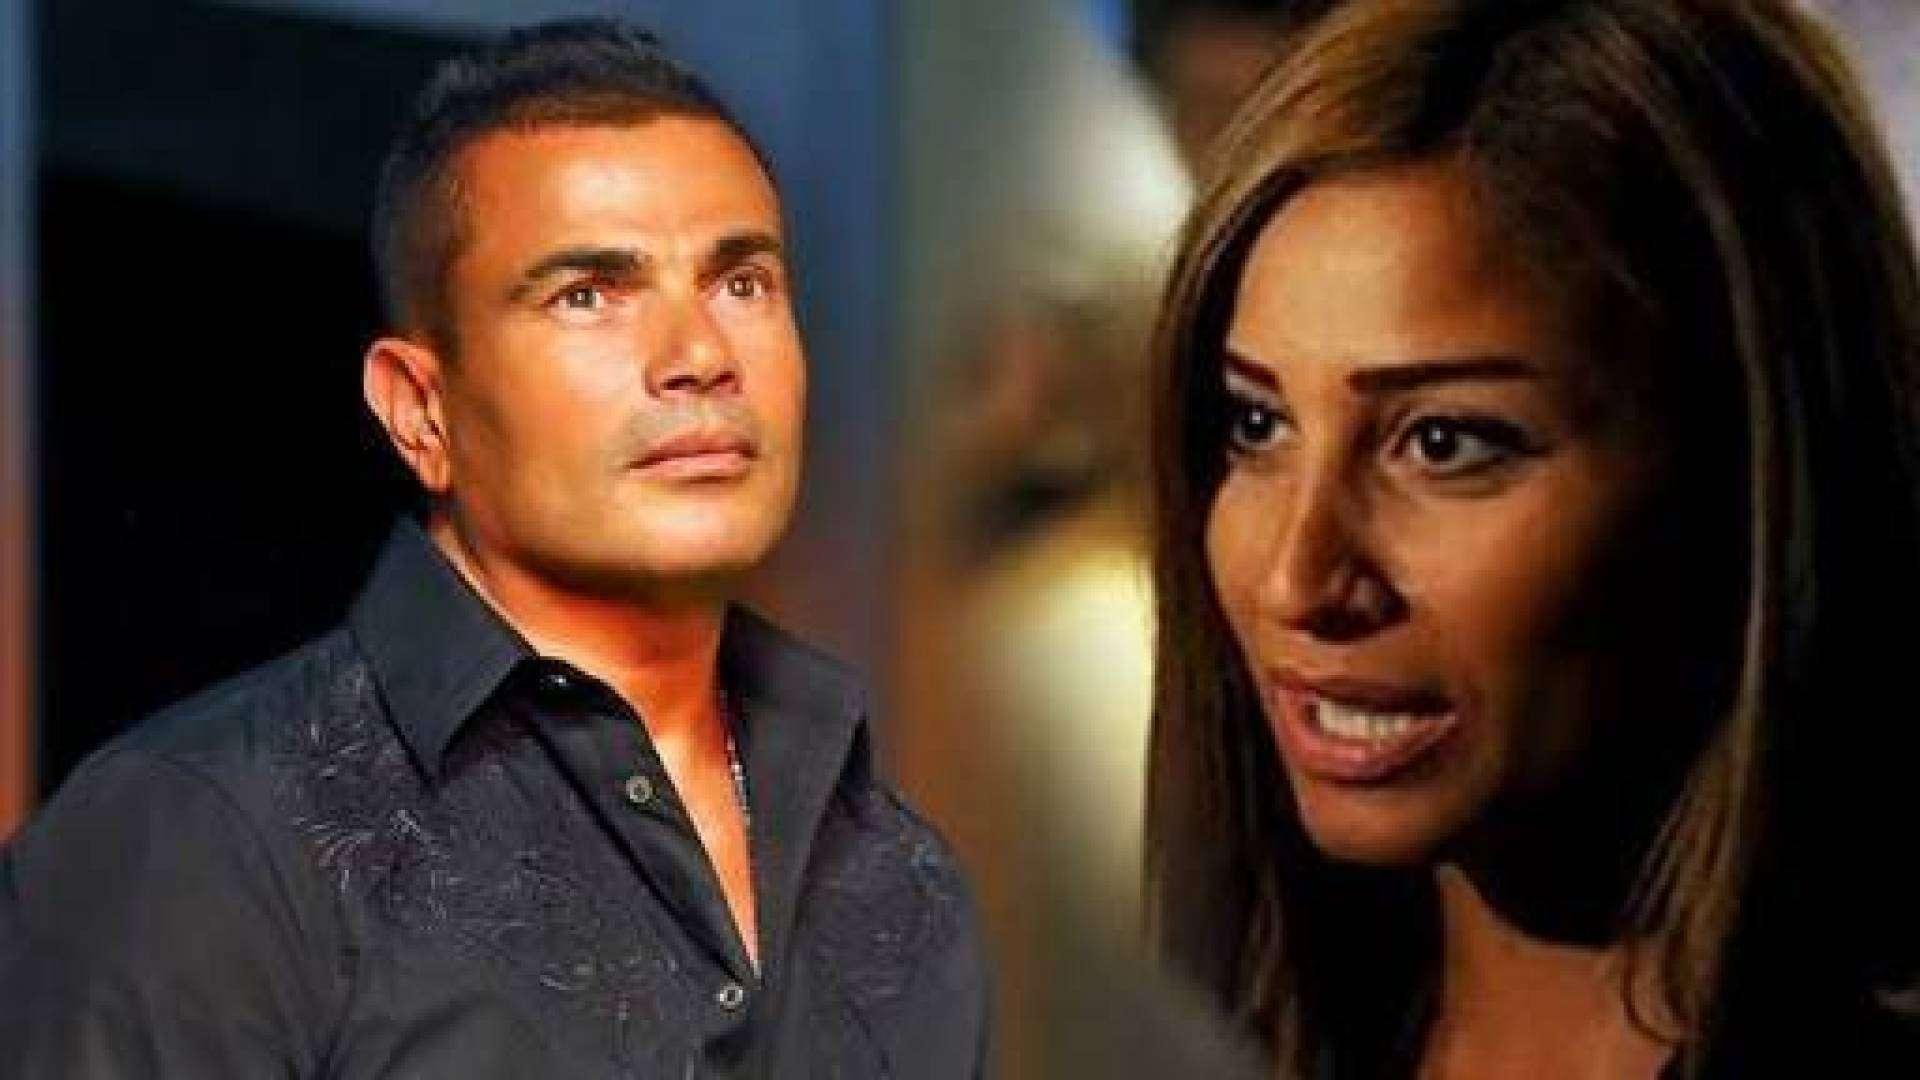 عمرو دياب يلتقي دينا الشربيني لأول مرة منذ انفصالهما